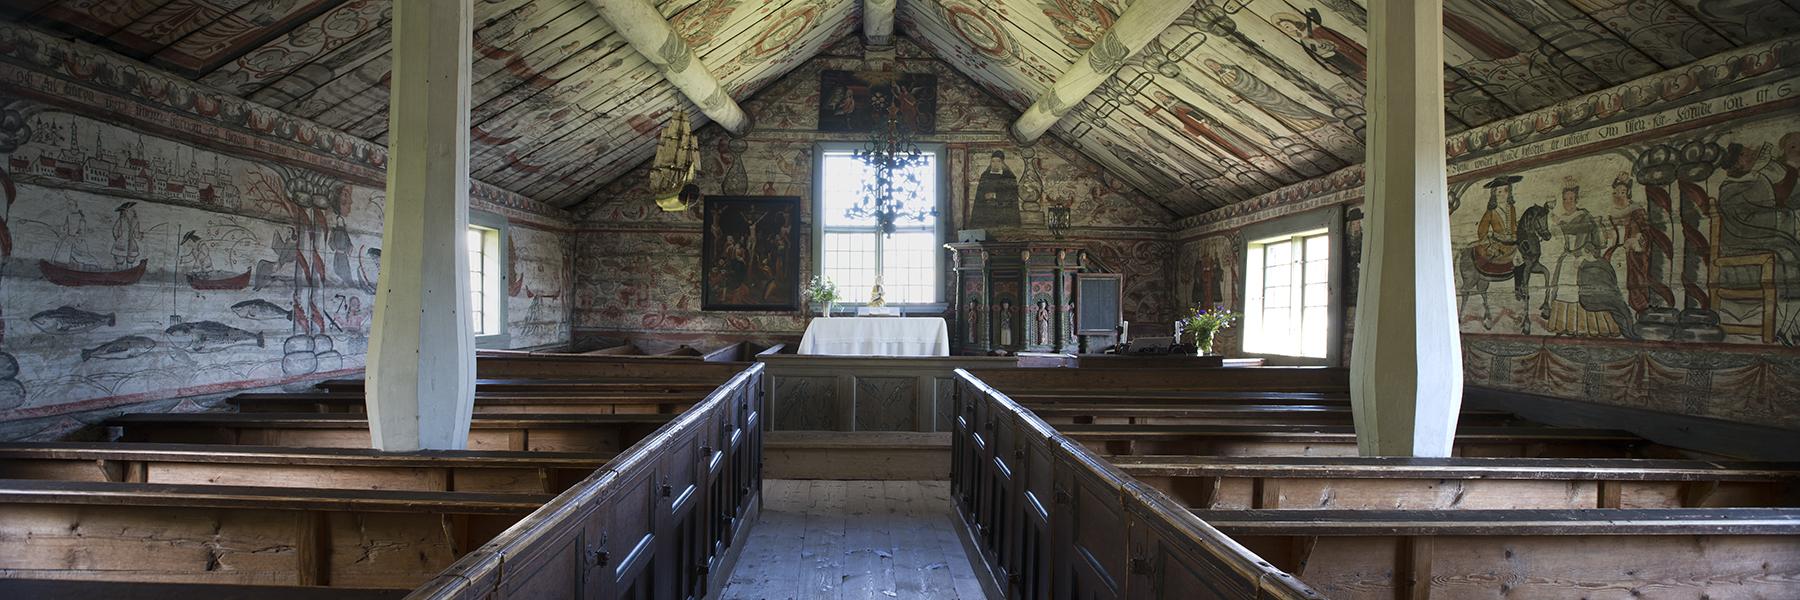 Ulvö kapell interiör